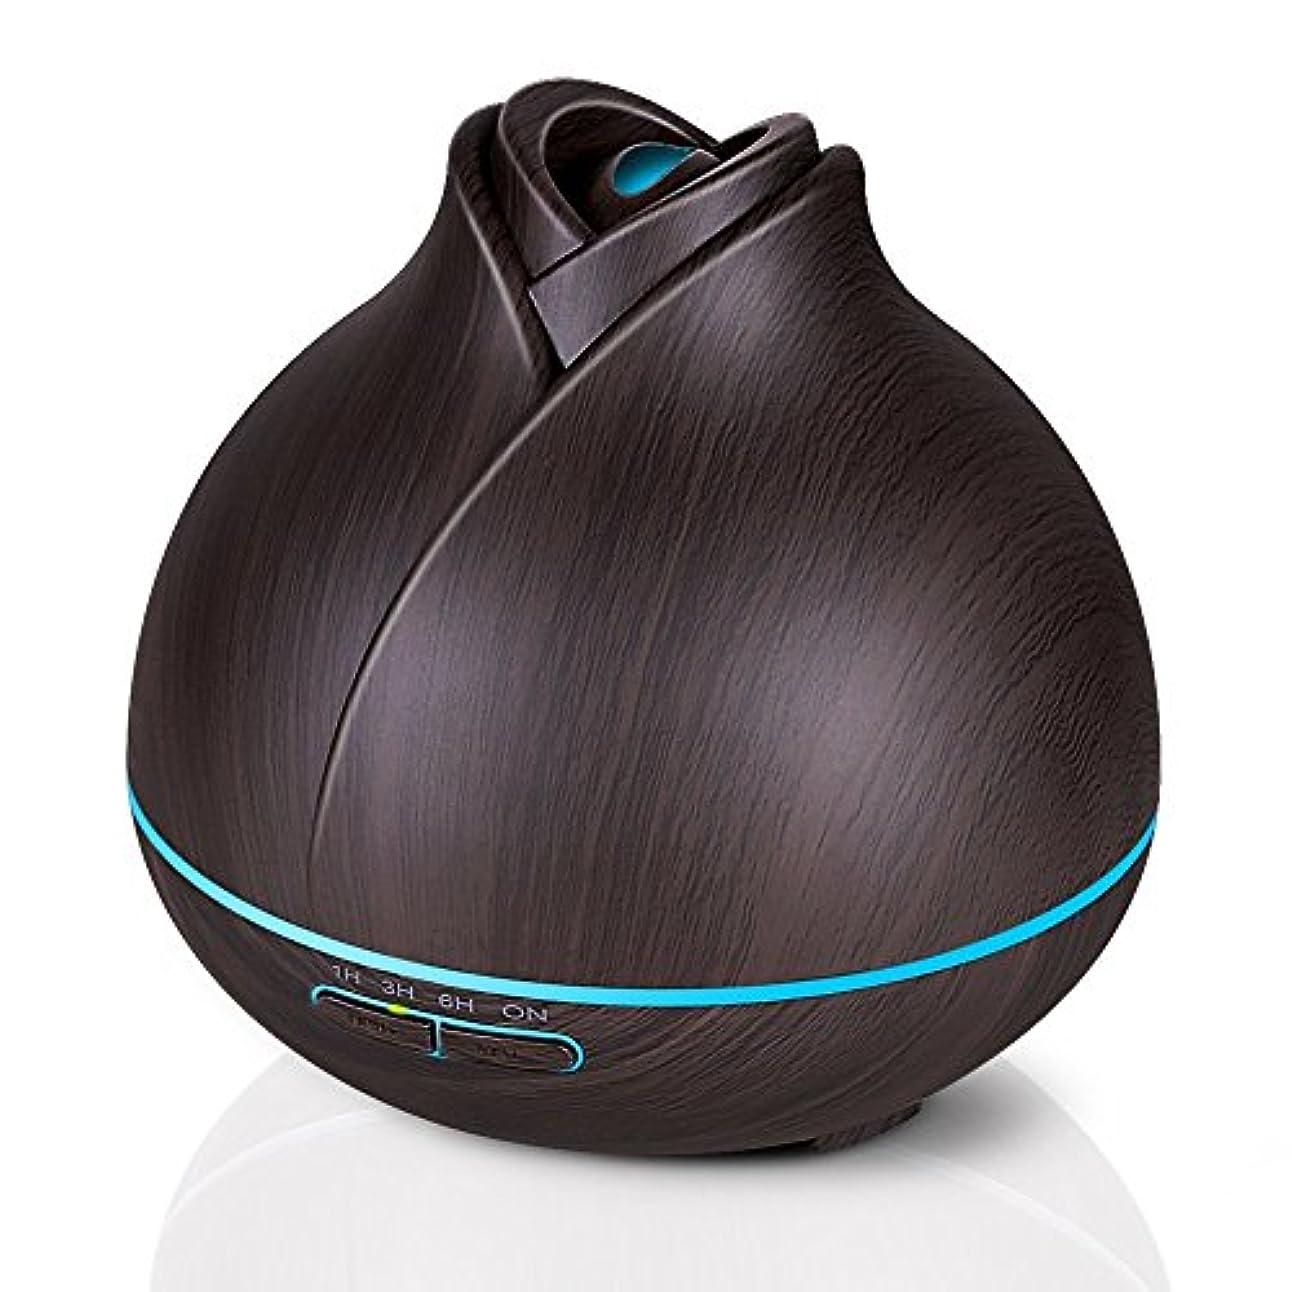 決定ドライブアデレード400ミリリットル木目調アロマセラピーディフューザーエッセンシャルオイル用2ミストモード4タイマー設定、静かな加湿器用寝室、ホーム、オフィス,deepgrain